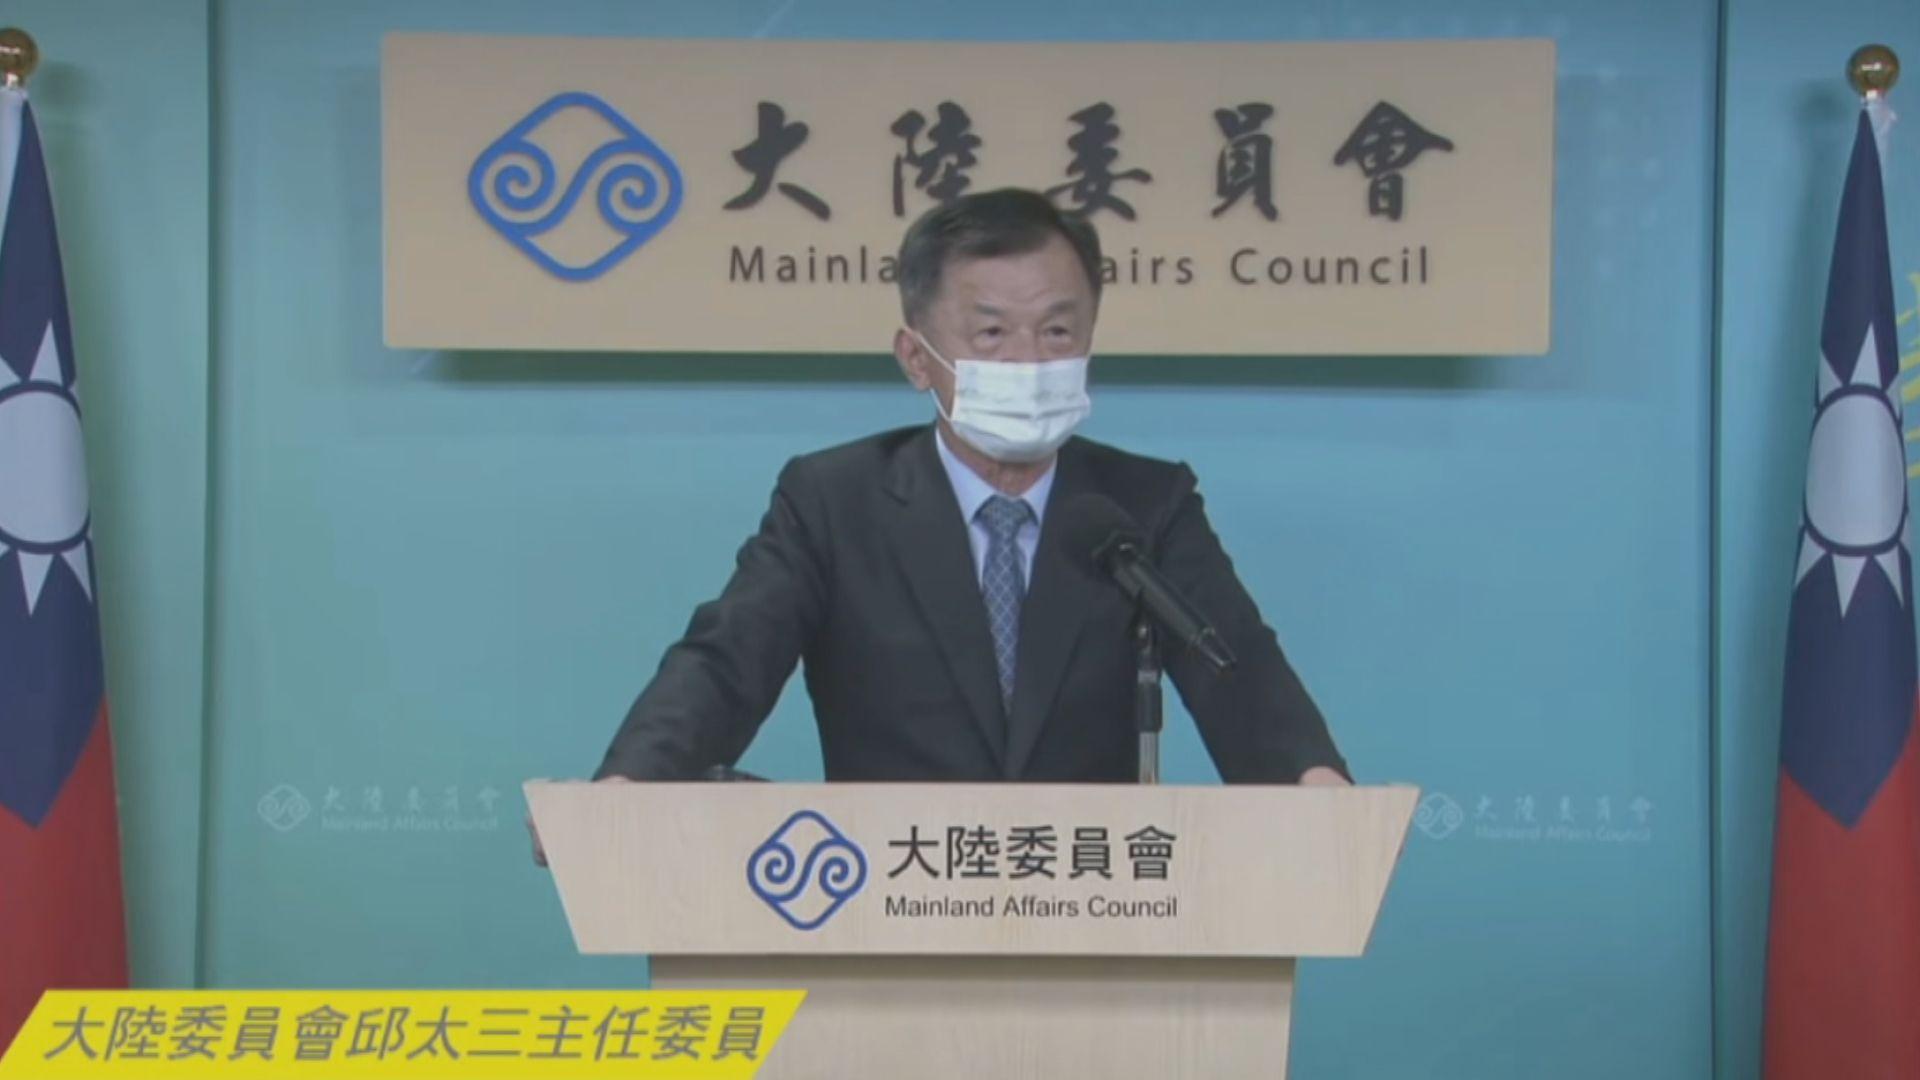 駐港台北辦事處繼續開放 陸委會批要求簽一中承諾書是刁難